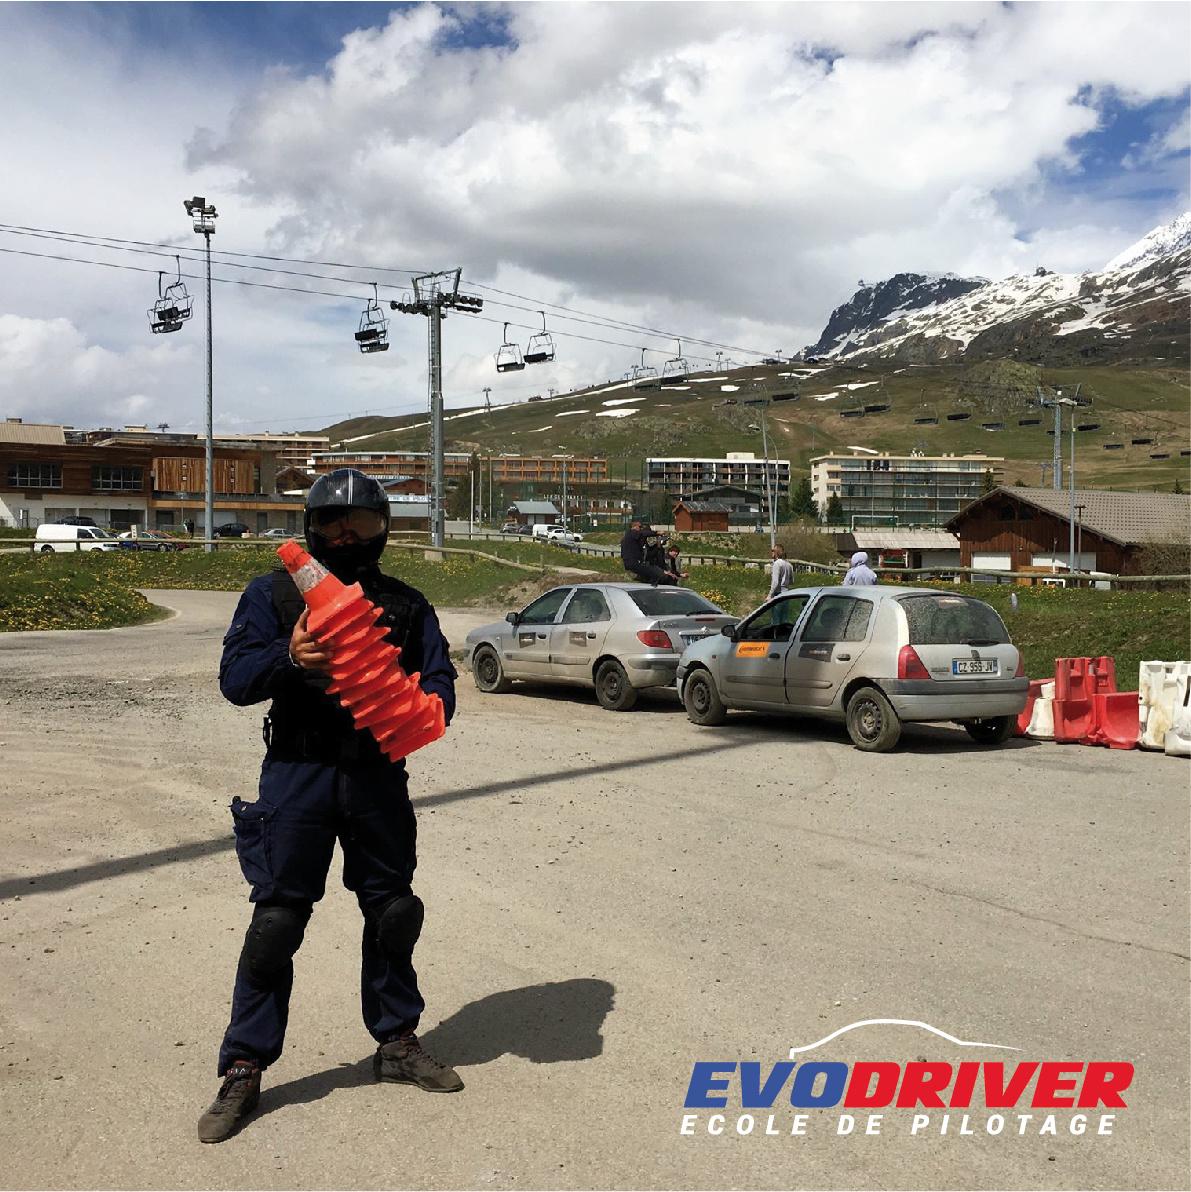 News - Formation Evodriver 1